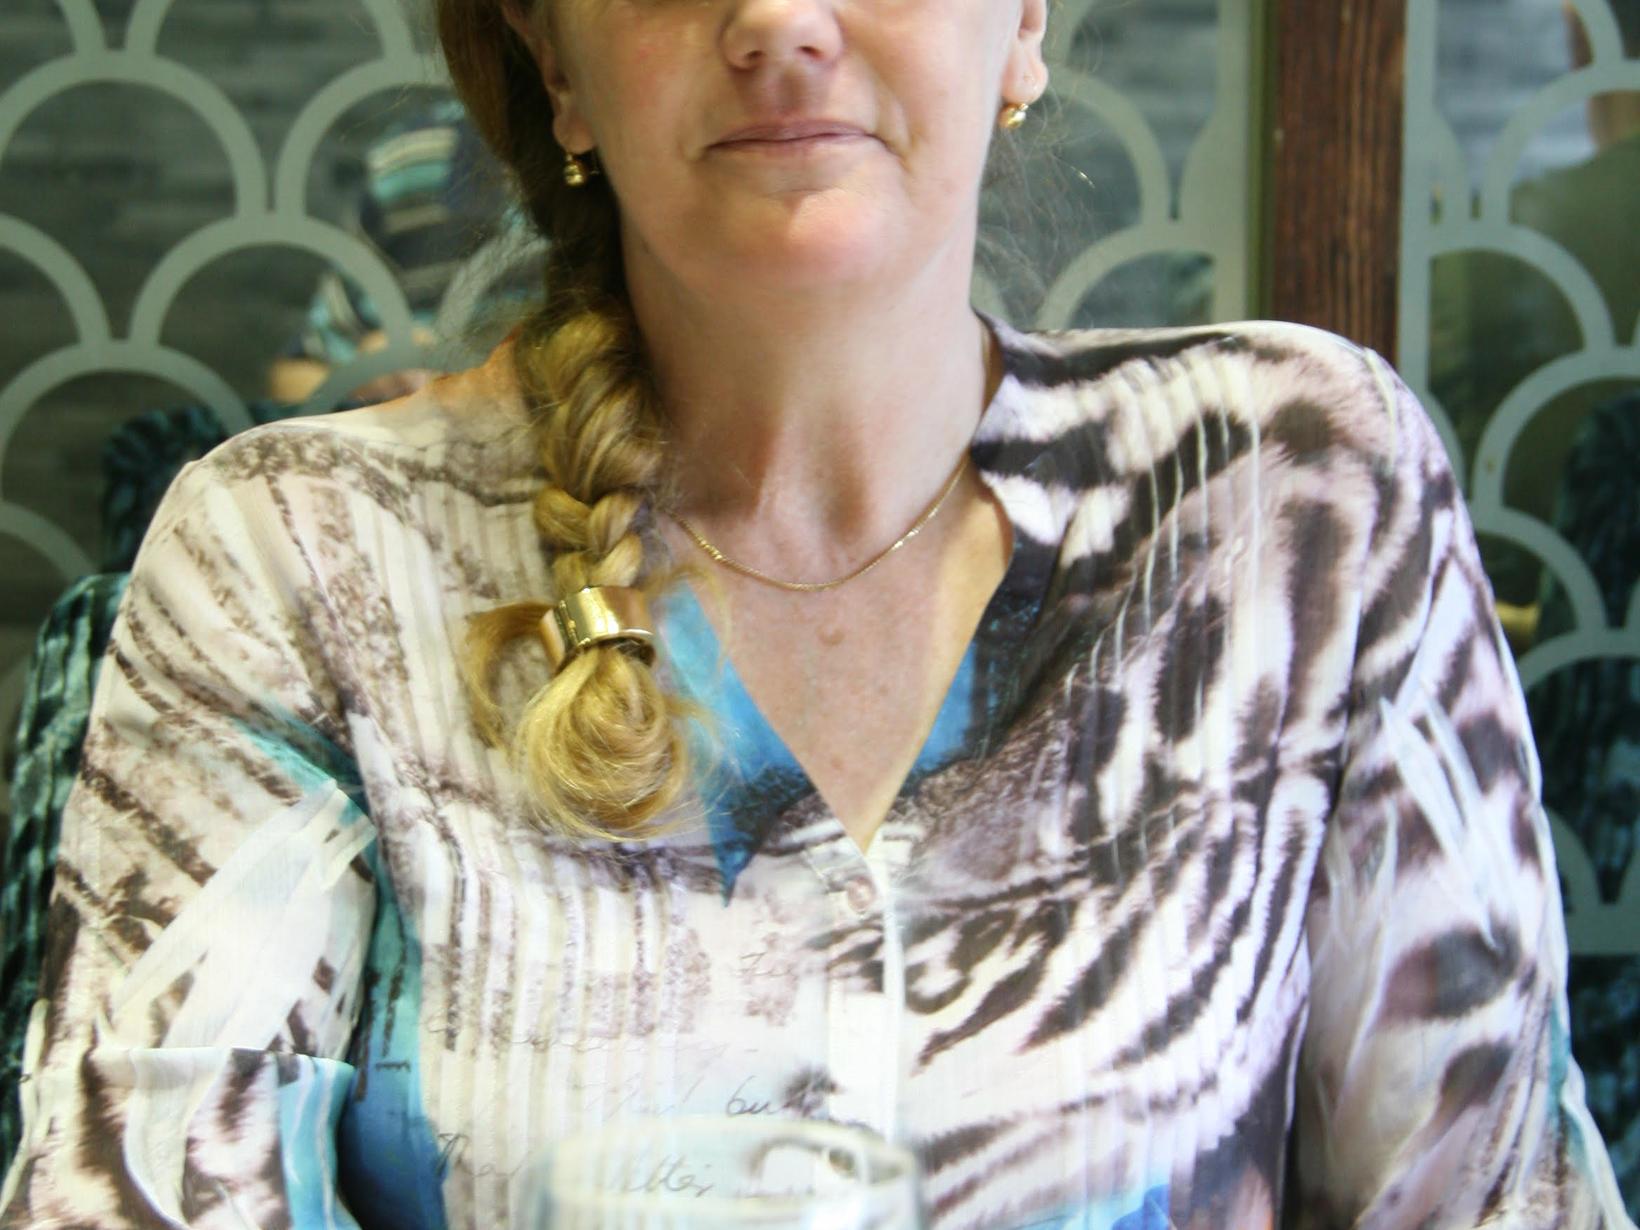 Andrea from Melbourne, Victoria, Australia